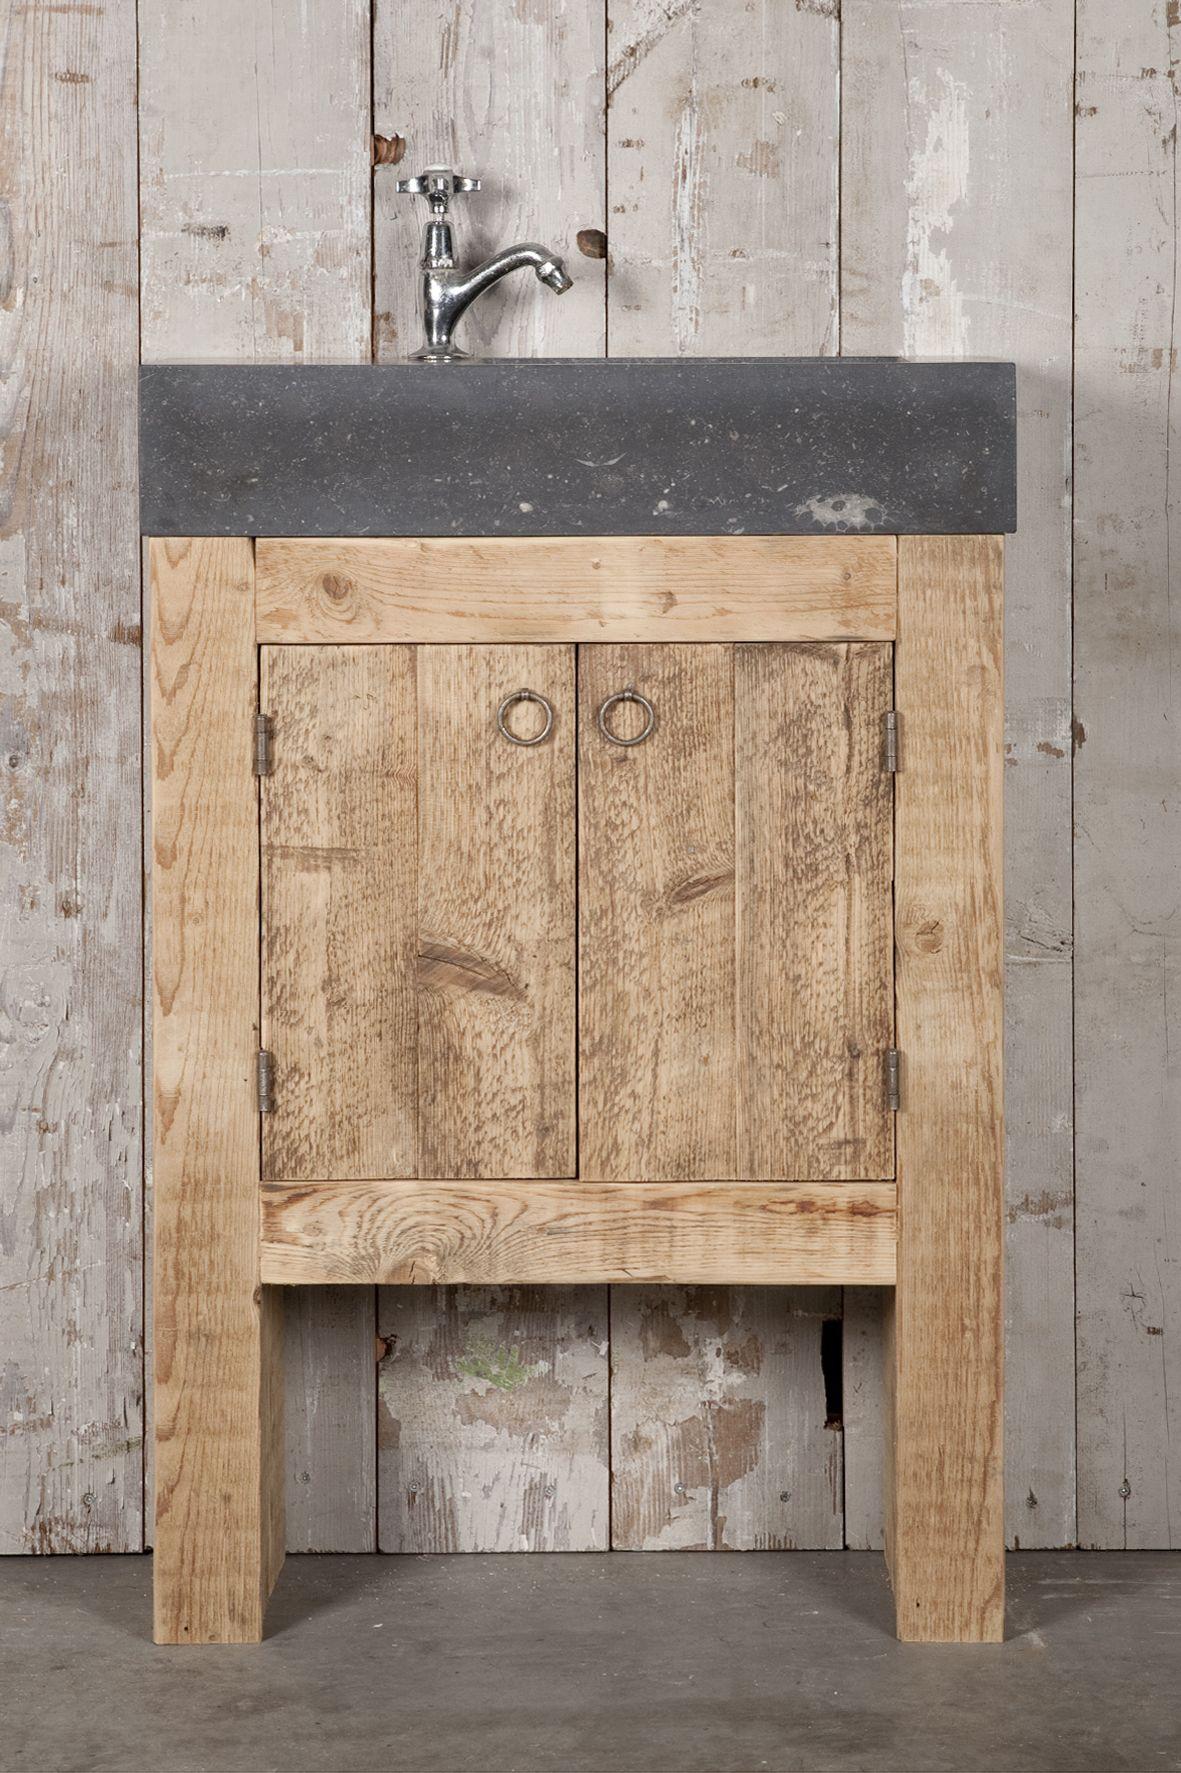 badkamermeubels op maat gemaakt van oud hout en natuursteen oude